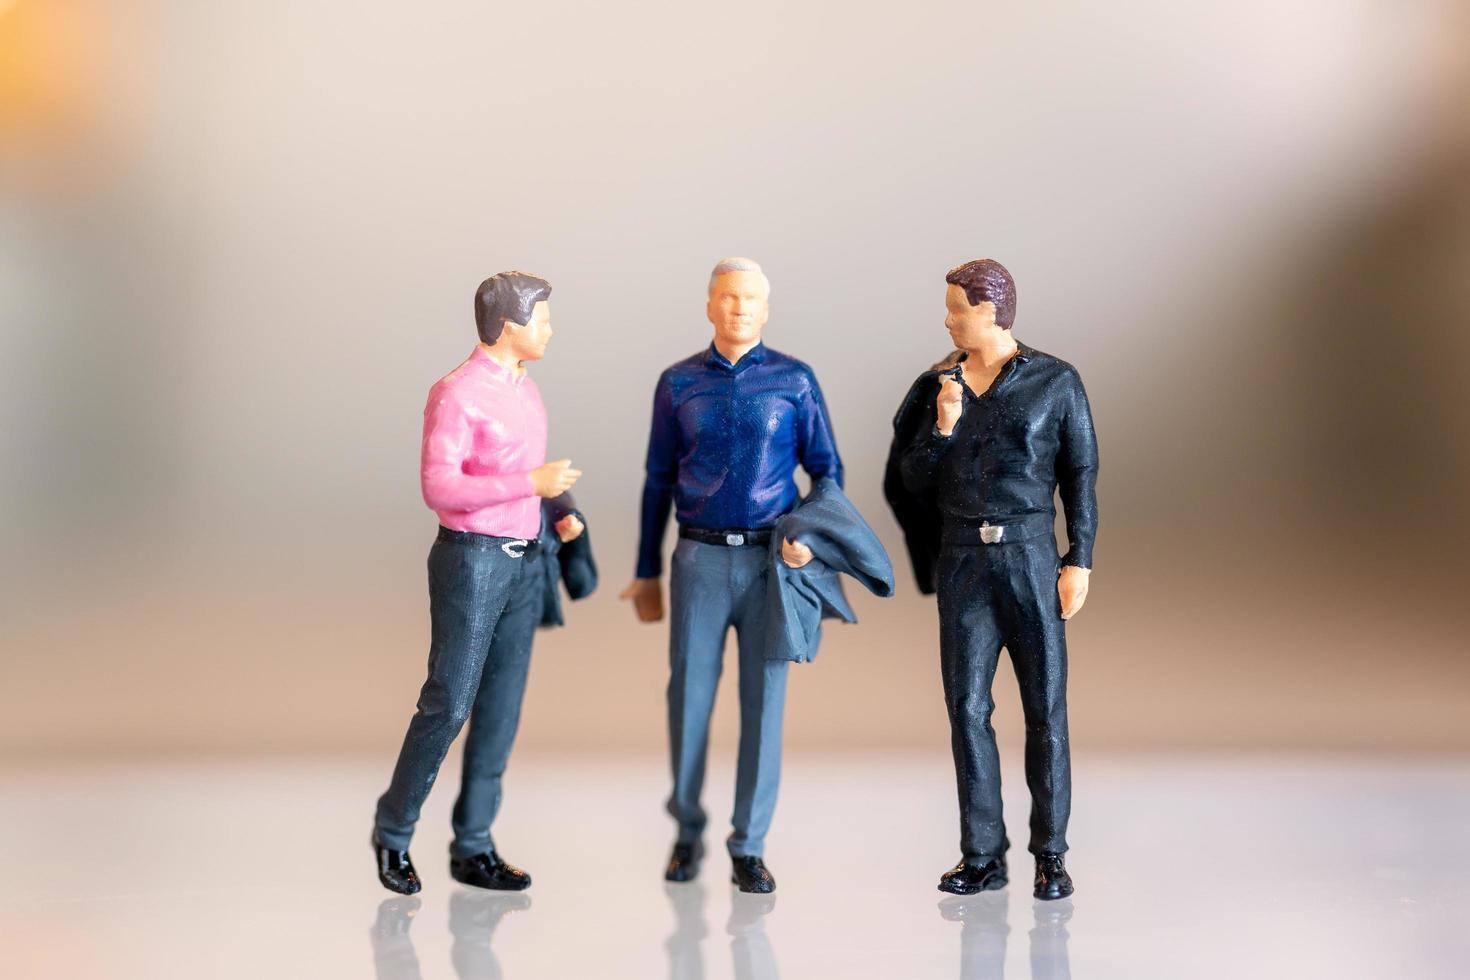 gente en miniatura, gente gay de pie juntos y copia espacio para texto, concepto lgbt foto